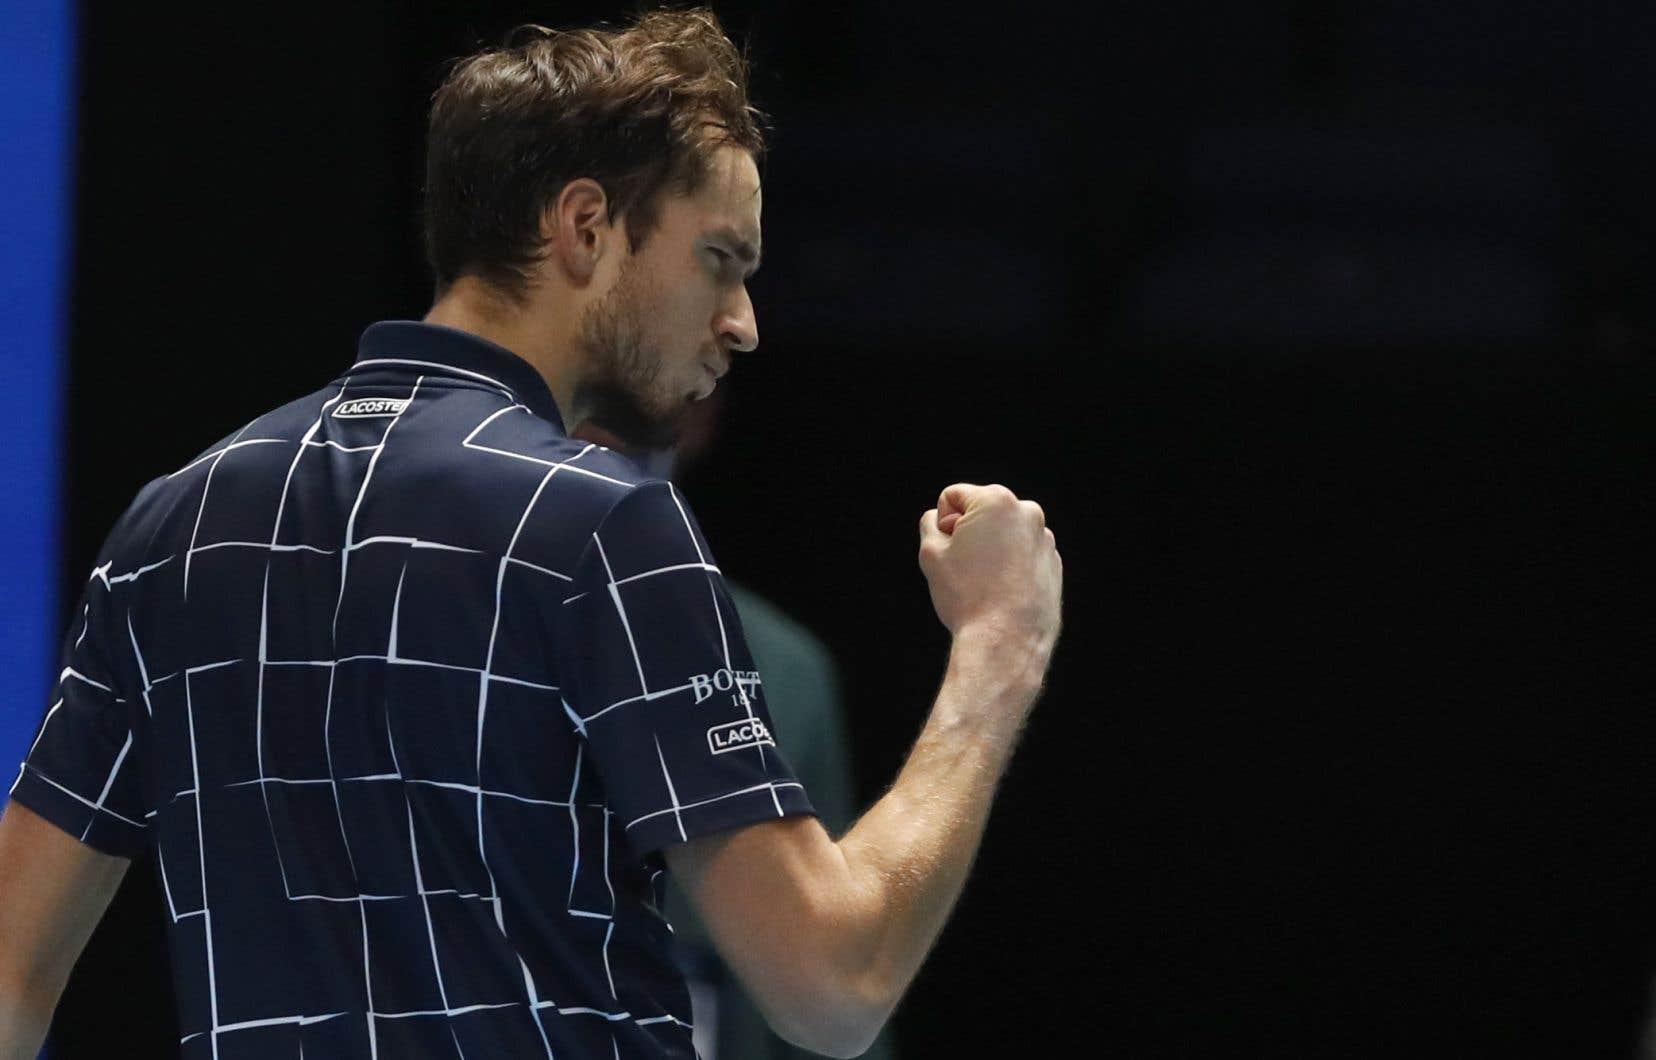 À 24 ans, Daniil Medvedev est devenu le deuxième joueur russe à remporter ce tournoi.